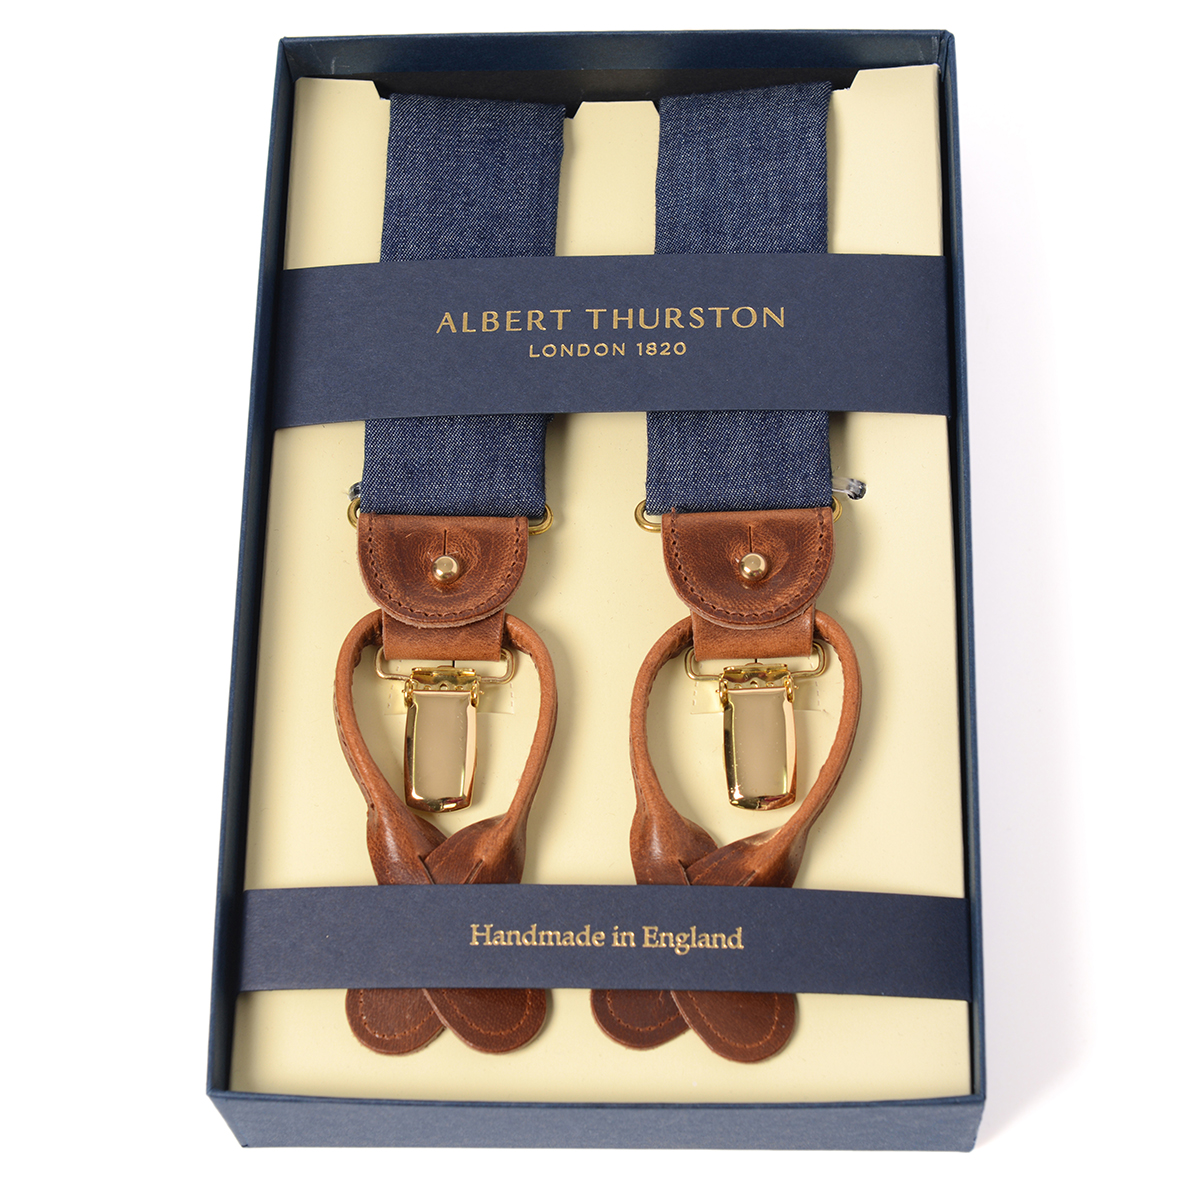 アルバートサーストン サスペンダー ネイビー デニム生地タイプ /ALBERT THURSTON Denim Braces メンズ ブランド